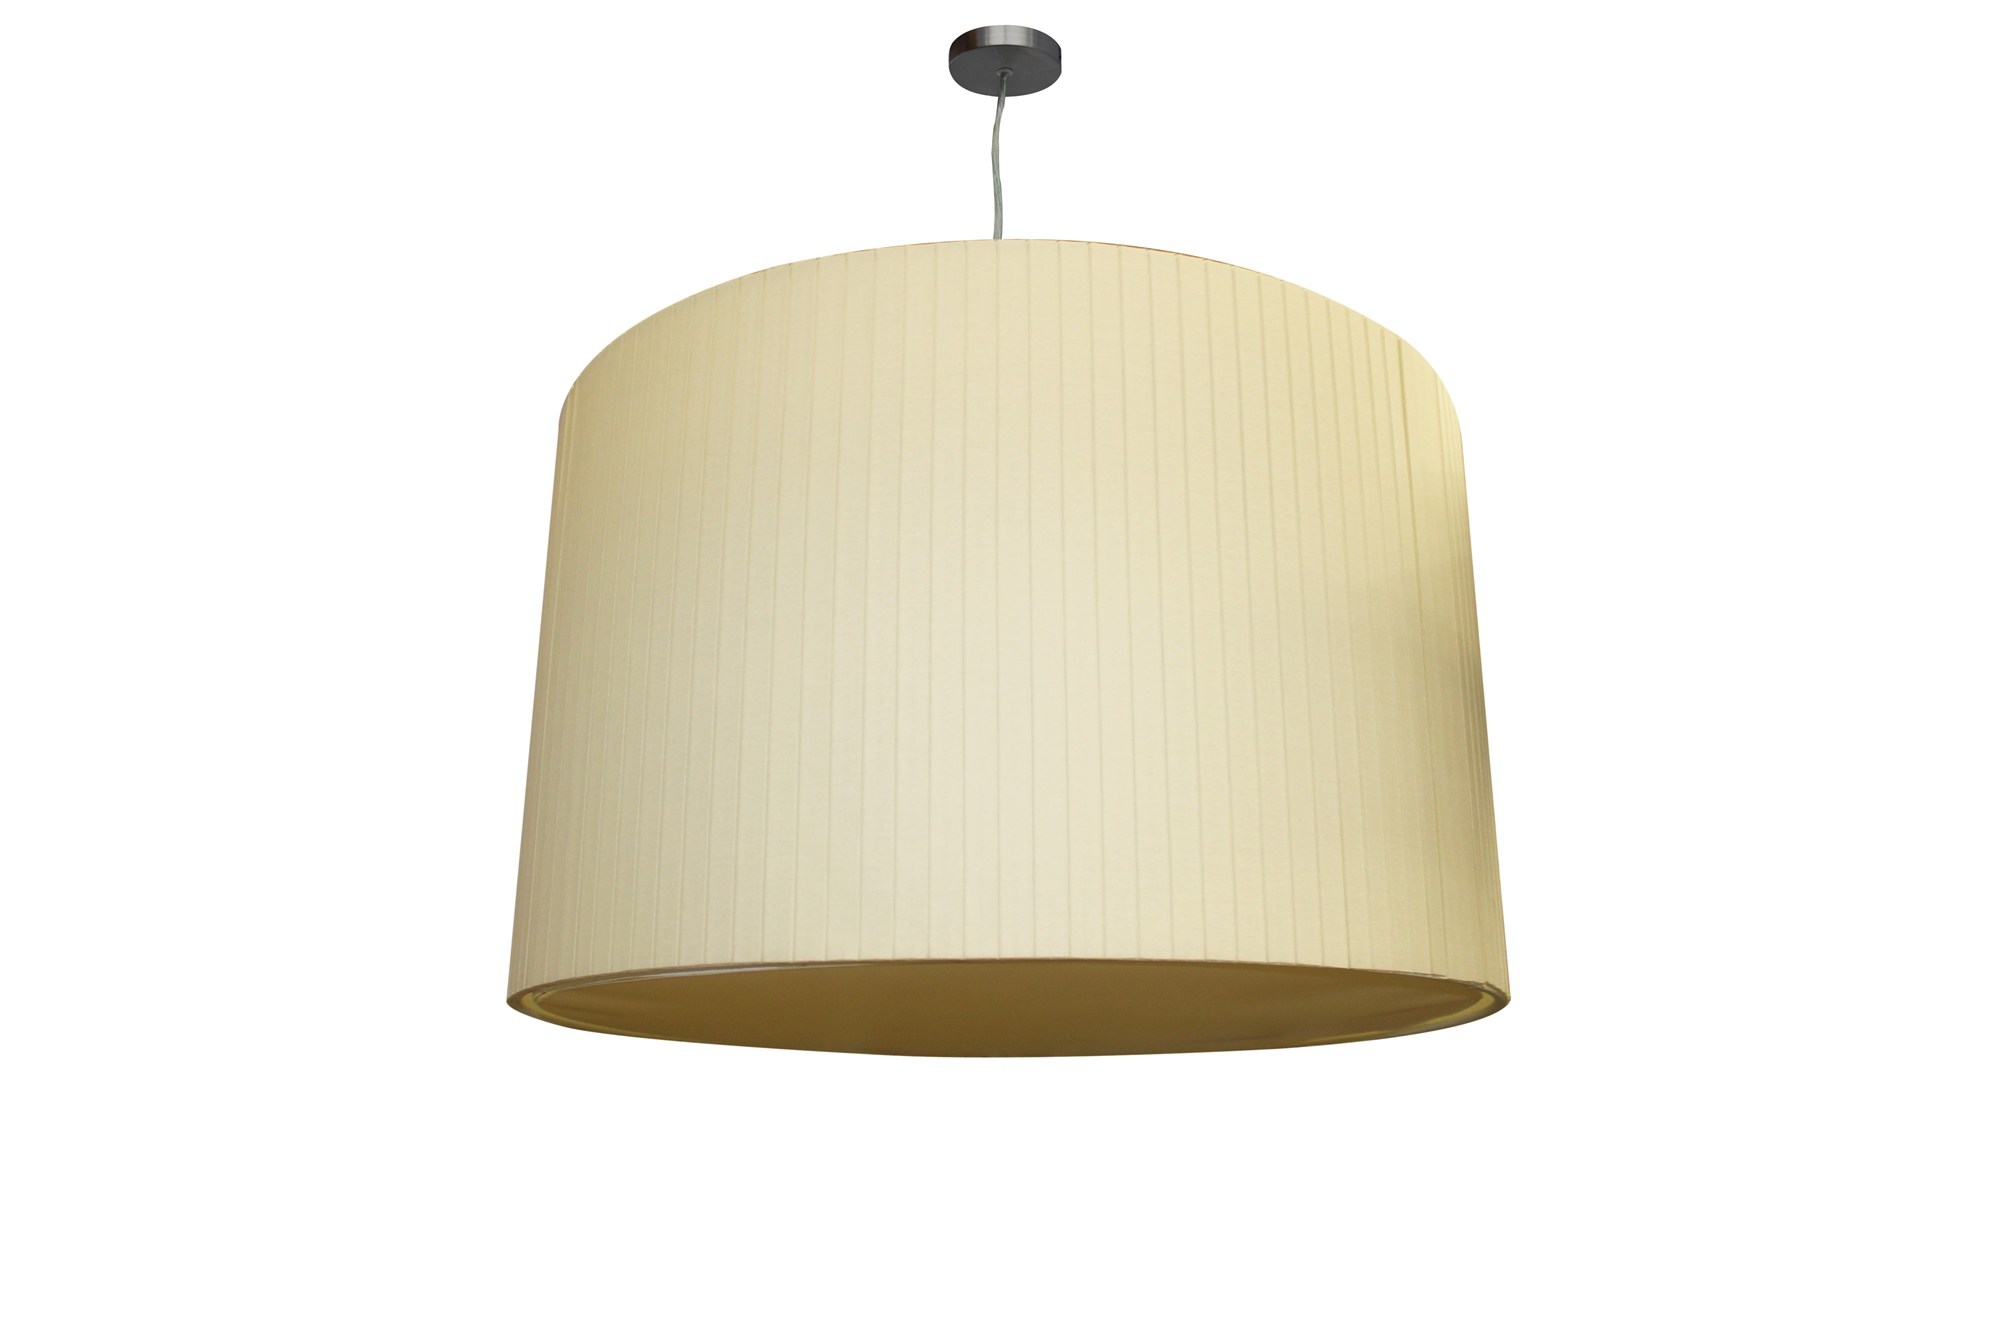 LED Deckenlampe Deckenleuchte Retro Boxplissee beige mit Baldachin chrom inkl. Diffusor 24W Ø: 50 cm